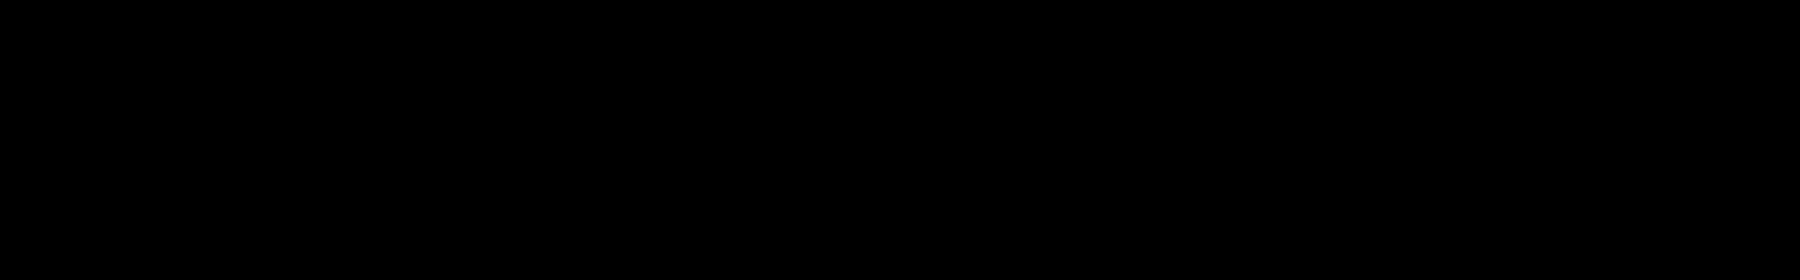 Blvckout Drill 2 audio waveform